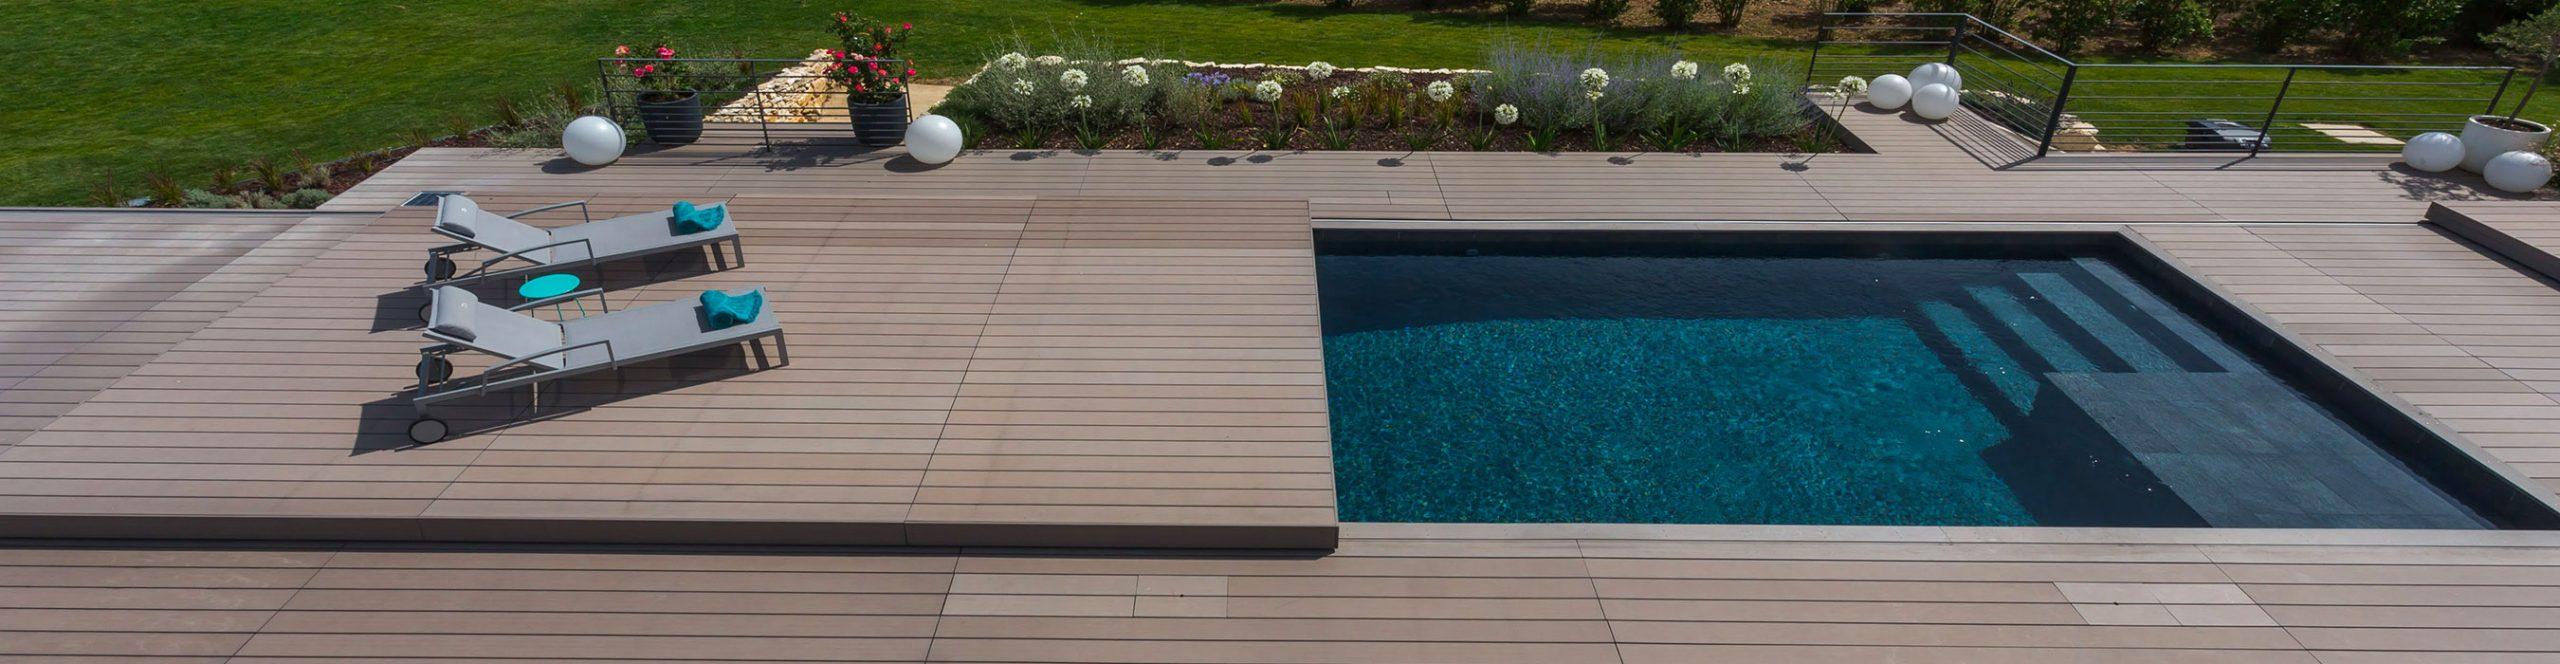 Terrasse Mobile Piscine Alkira : Tarifs Direct Usine serapportantà Couverture Terrasse Amovible